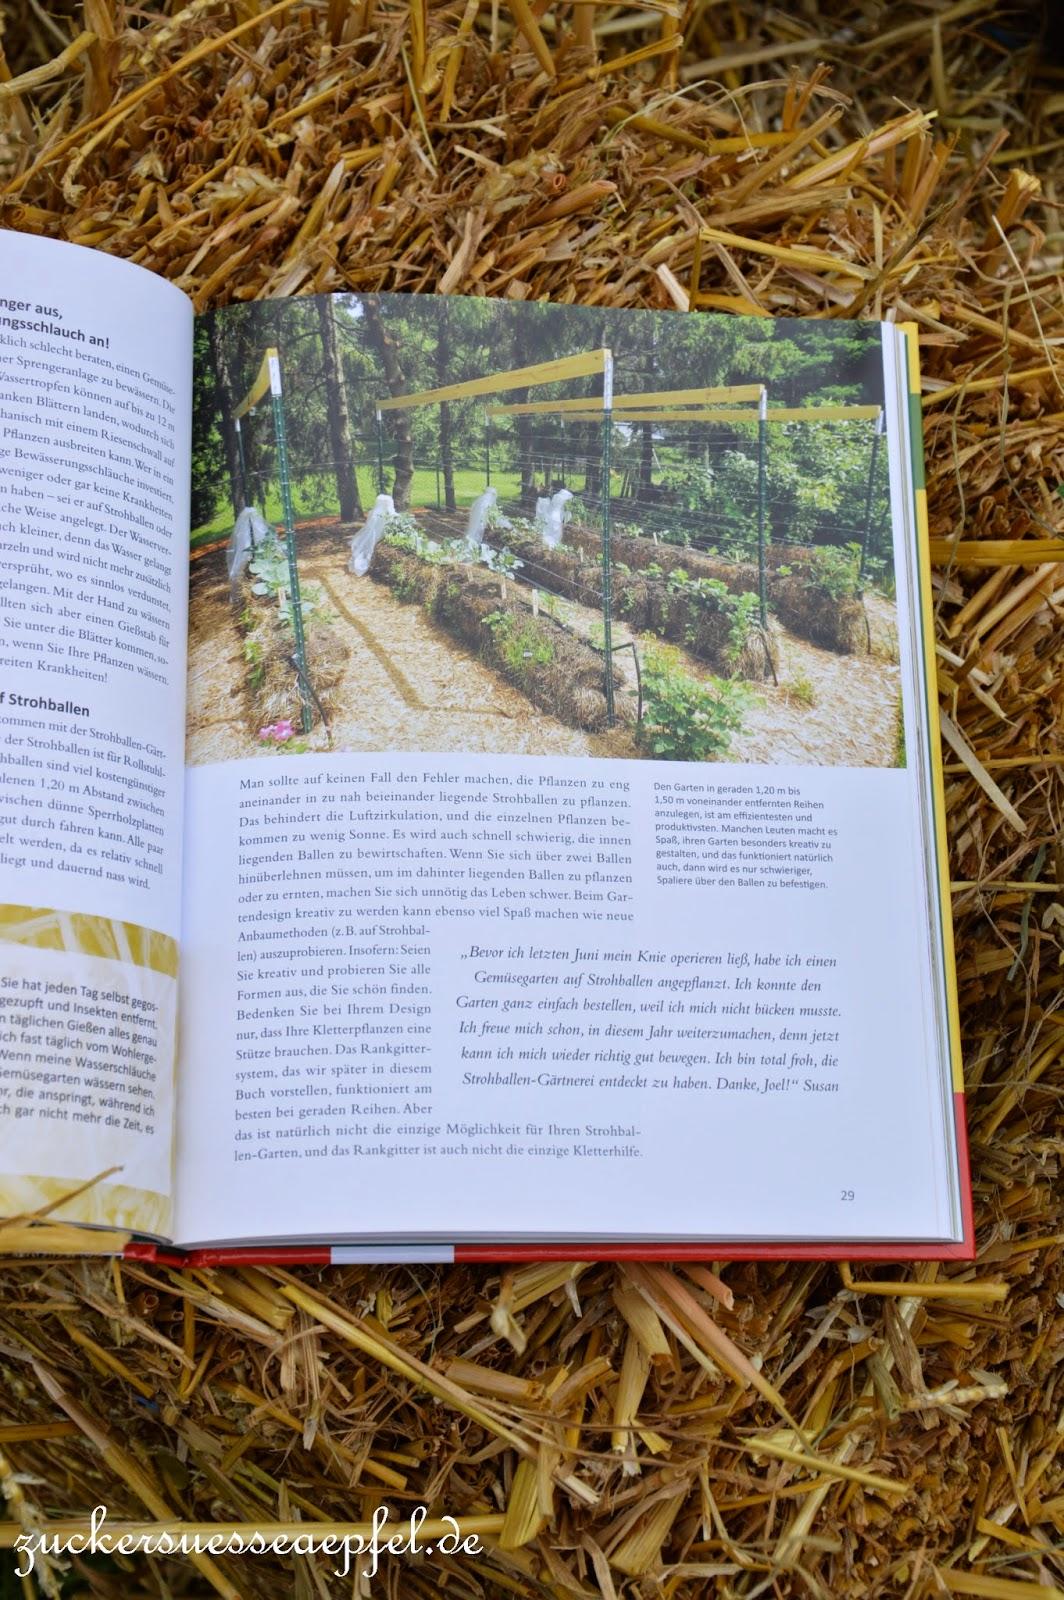 ♥zuckersüße Äpfel - Kreativer Familienblog Und Mamablog♥: Der ... Gaertnern Auf Strohballen Gemuese Pflanzen